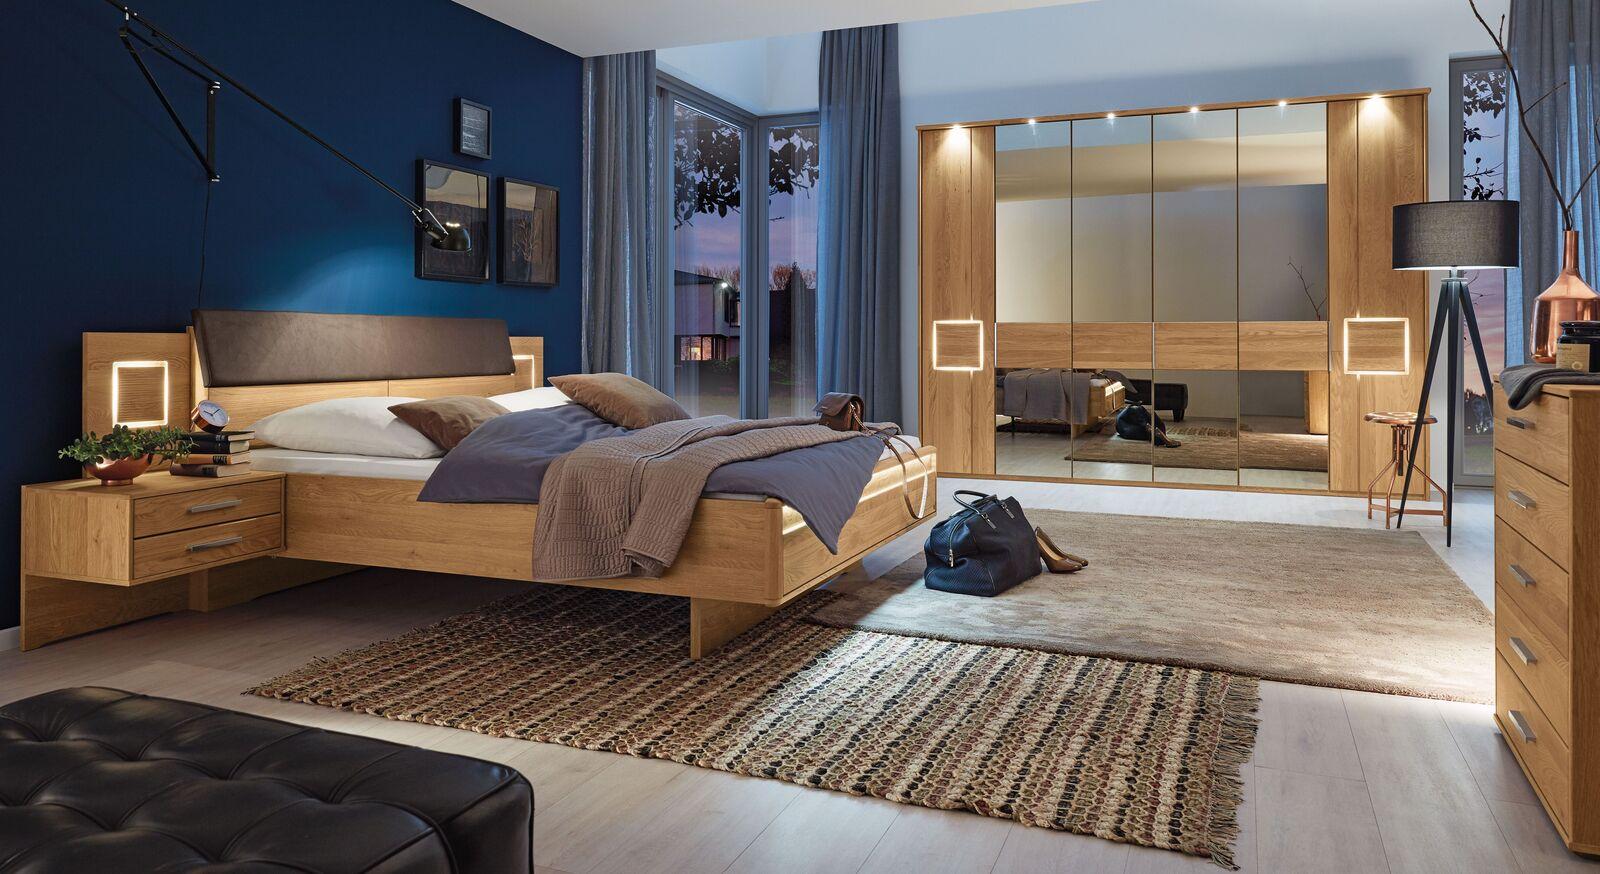 MUSTERRING Schlafzimmer Samoa mit Drehtürenschrank und passenden Möbeln